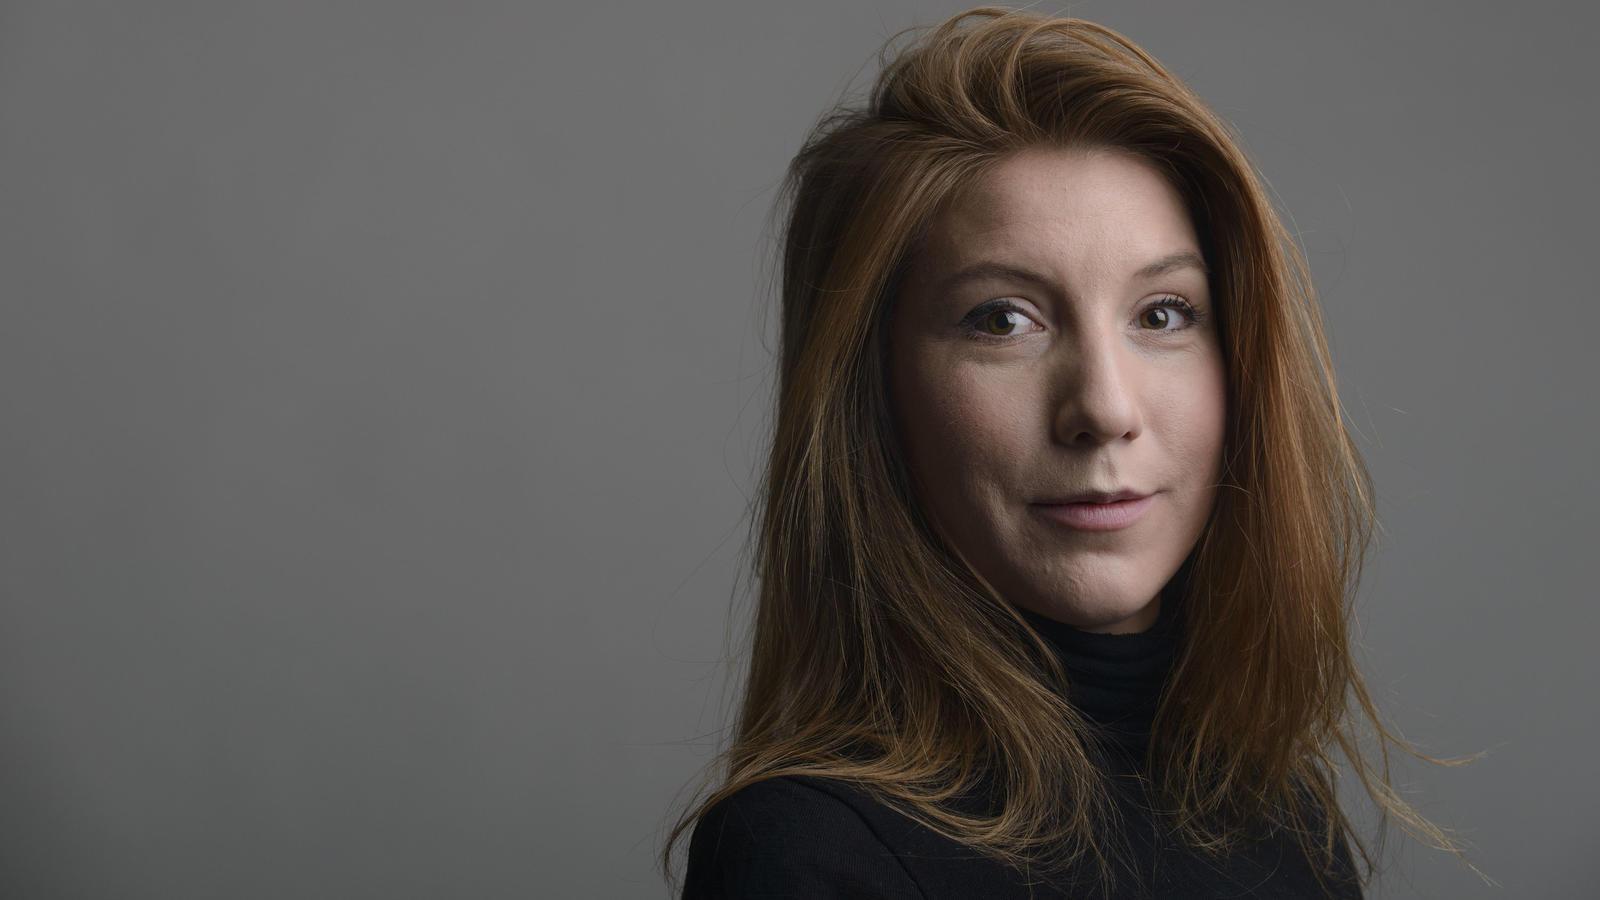 Vermisst Schwedische Journalistin Kim Wall